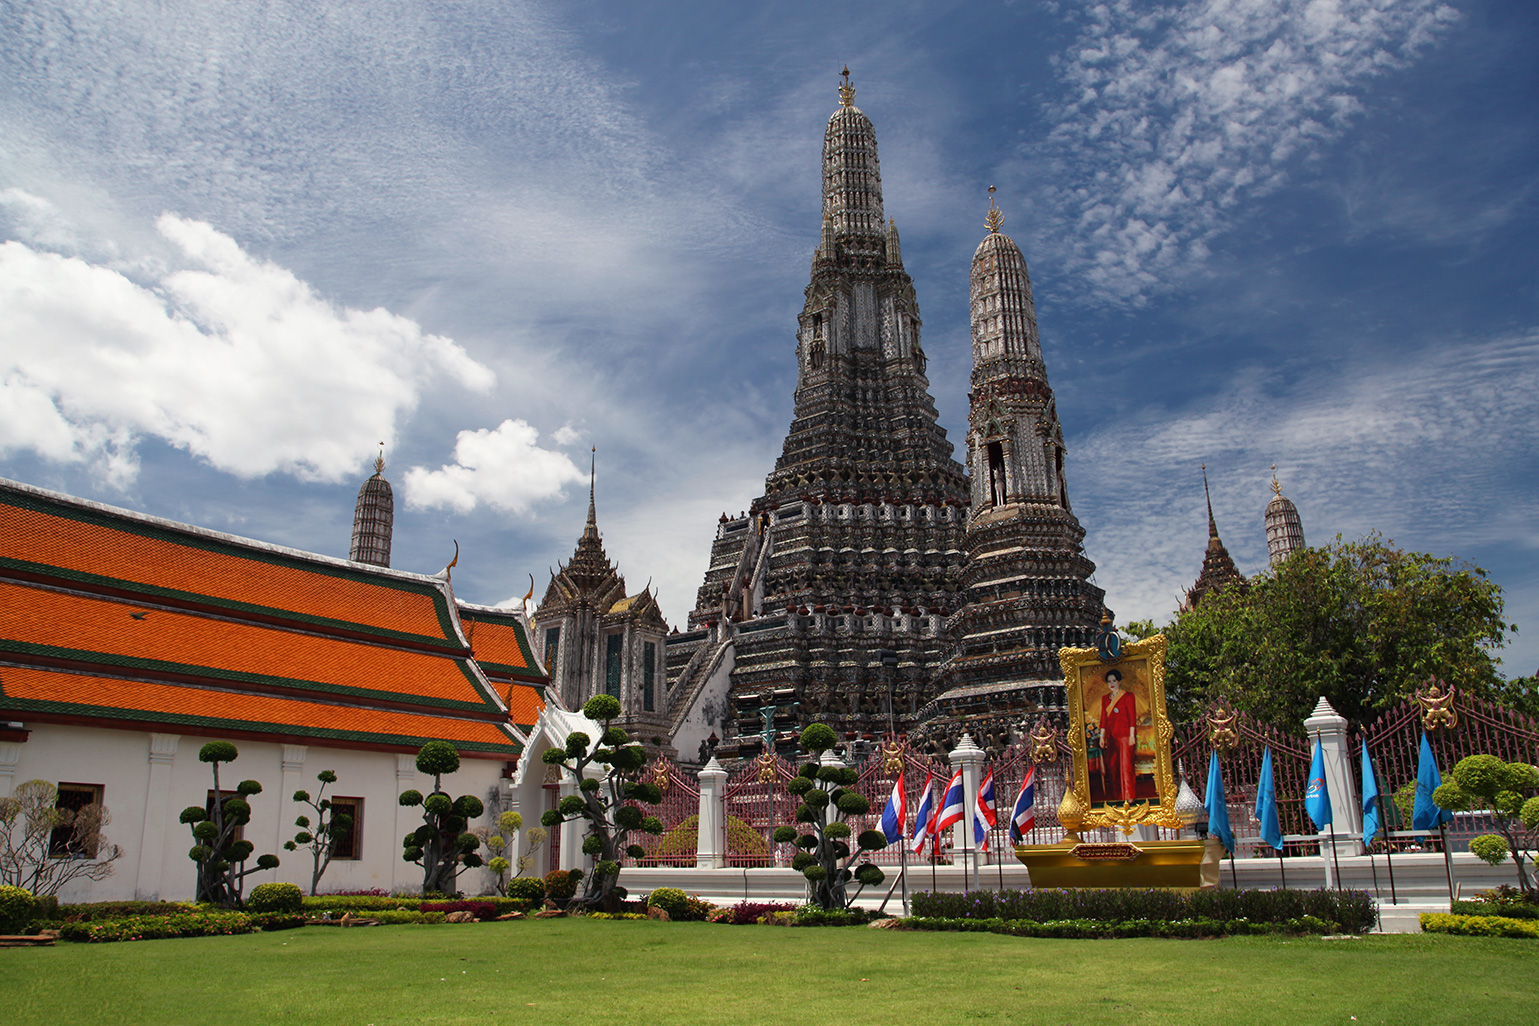 tempels-bangkok-thailand-8